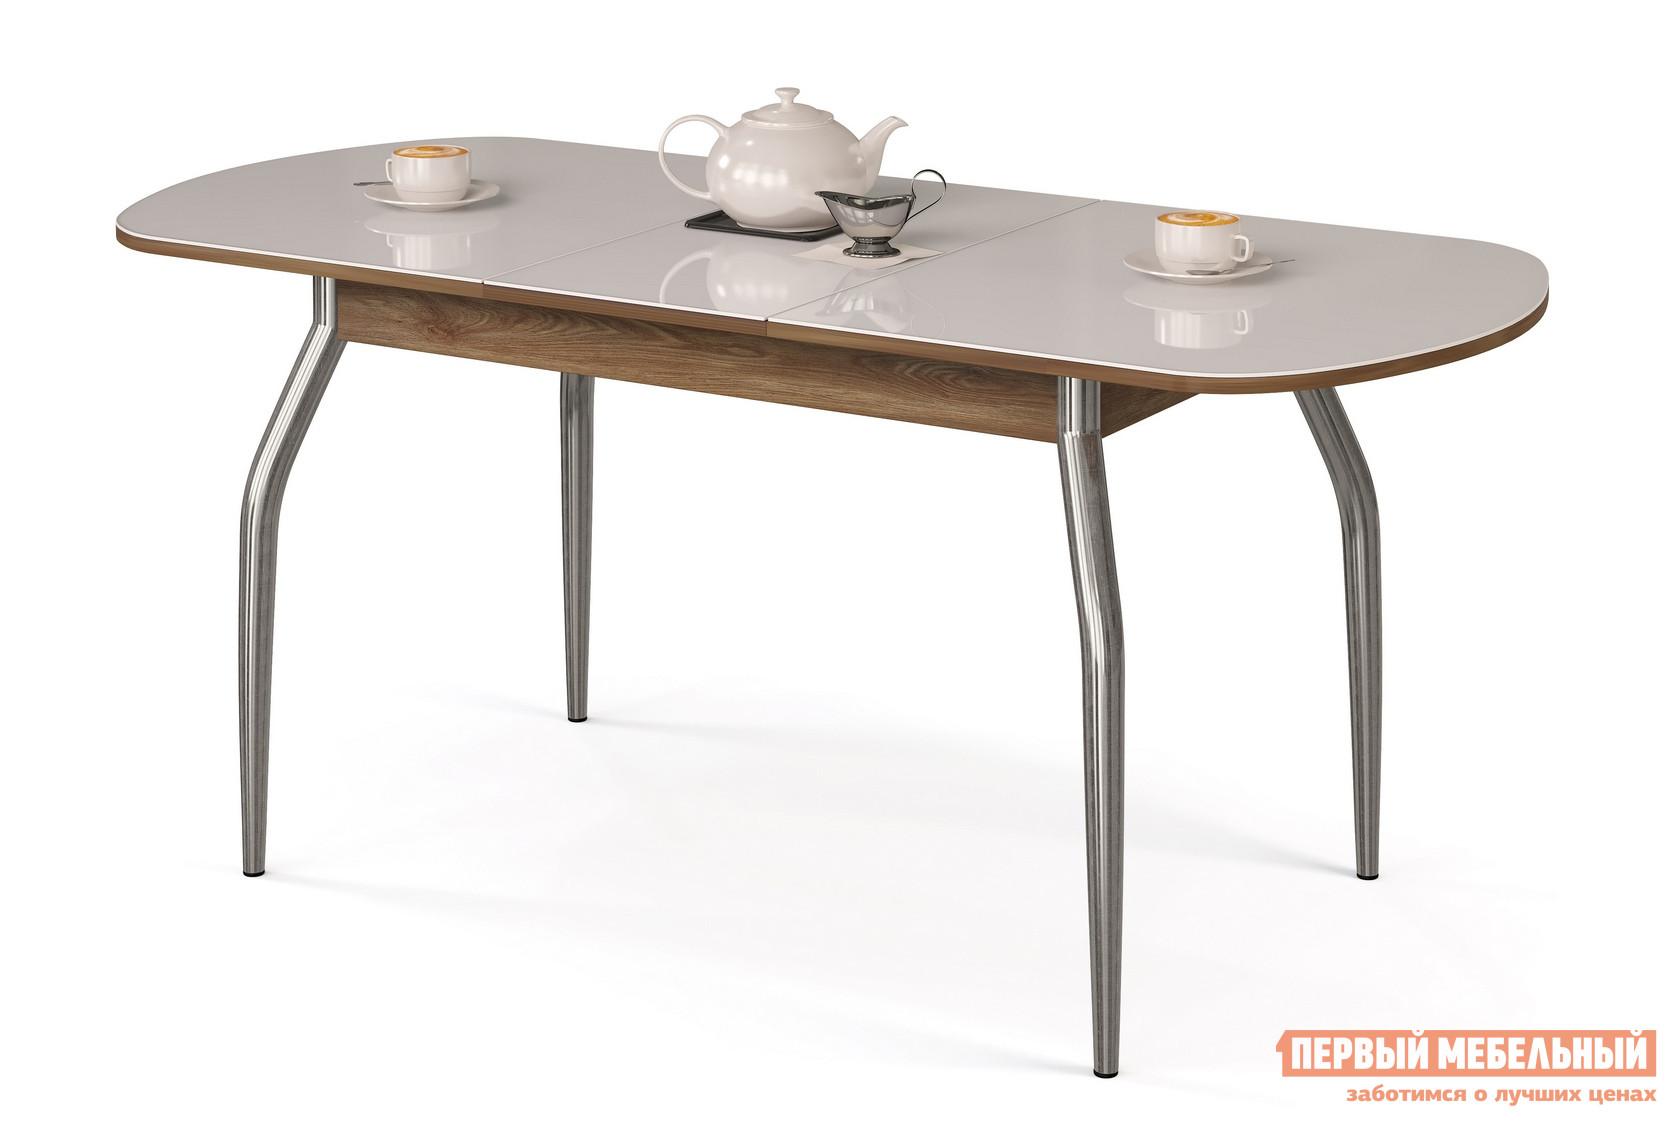 Кухонный стол МегаЭлатон Сиена Мини-Стекло Белый, Дуб швейцарский